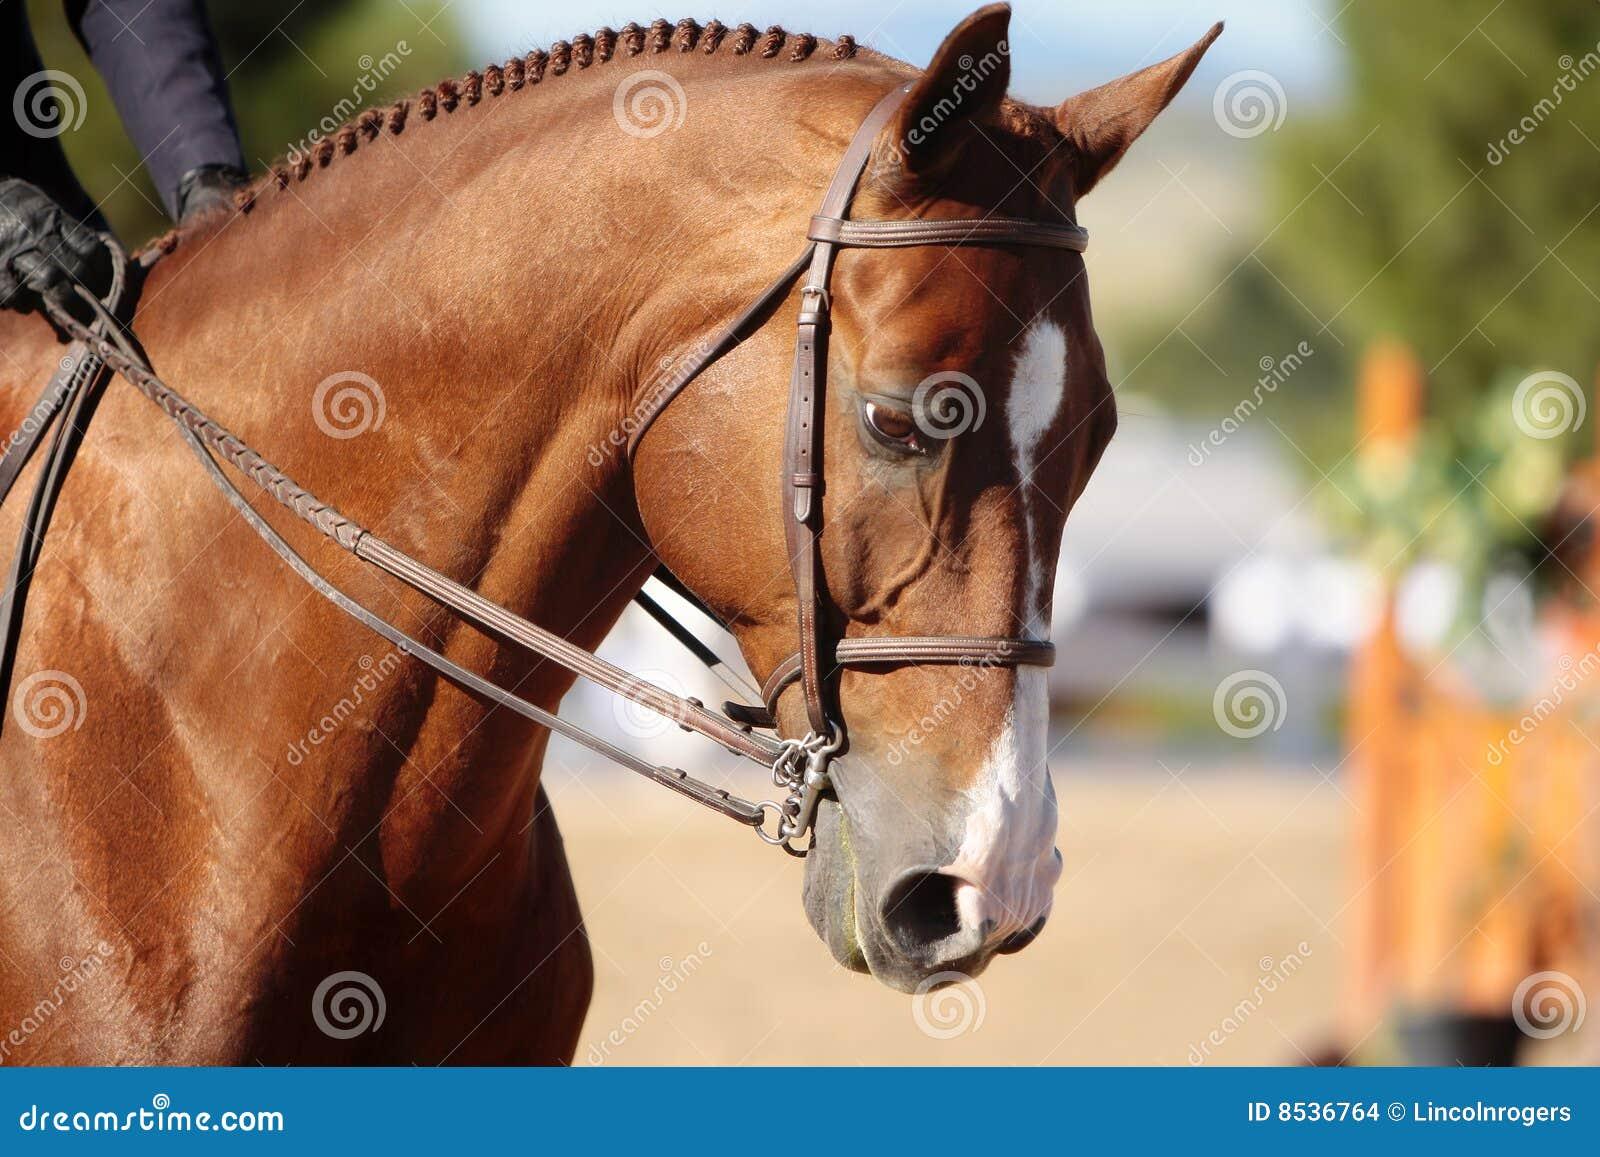 Horse Head in Morning Sunlight